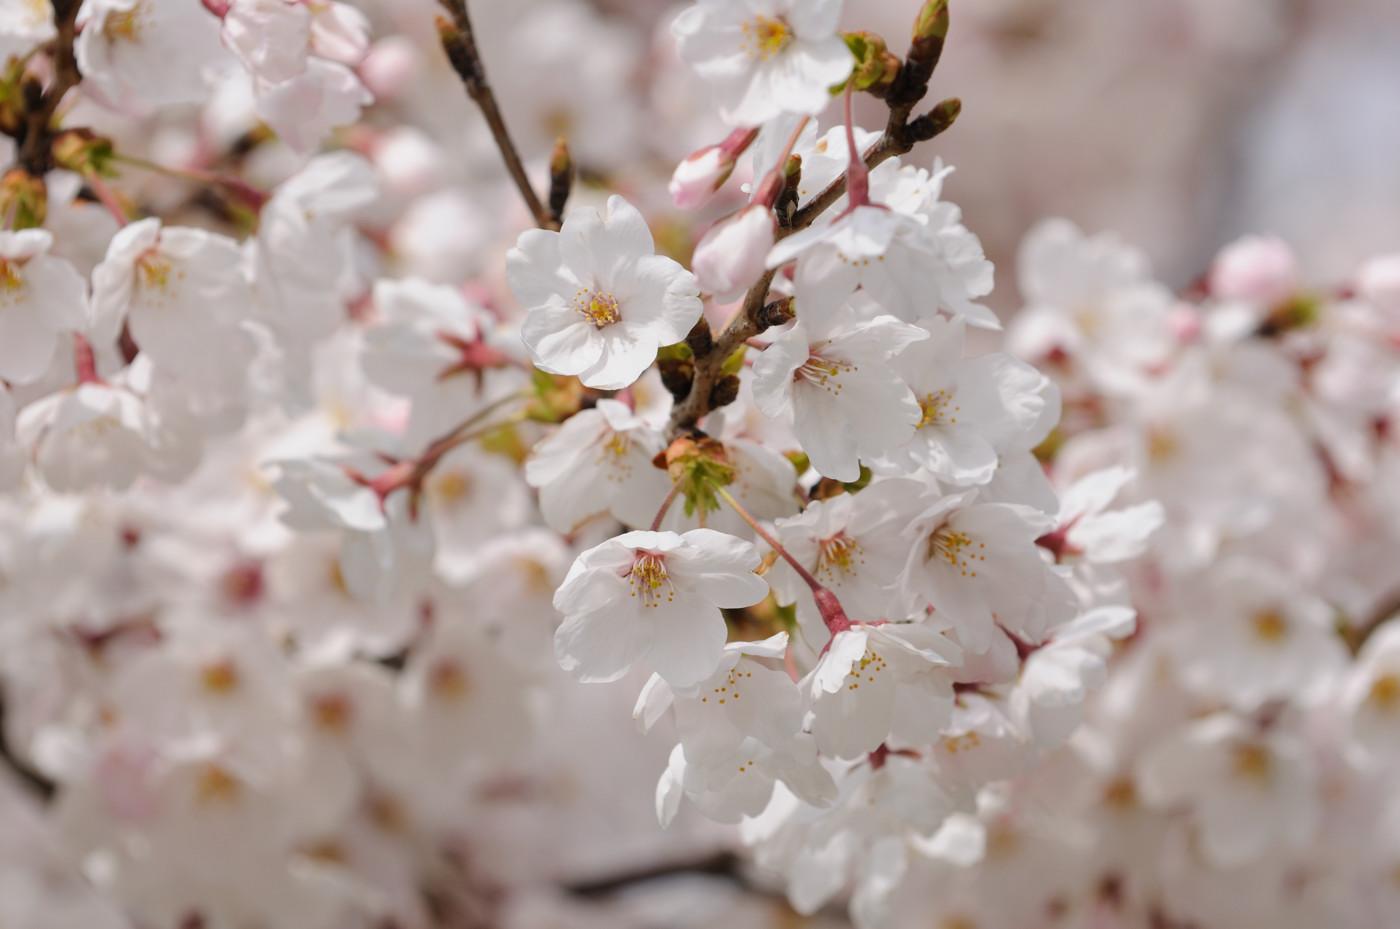 大口径望遠ズームで大きく桜の花